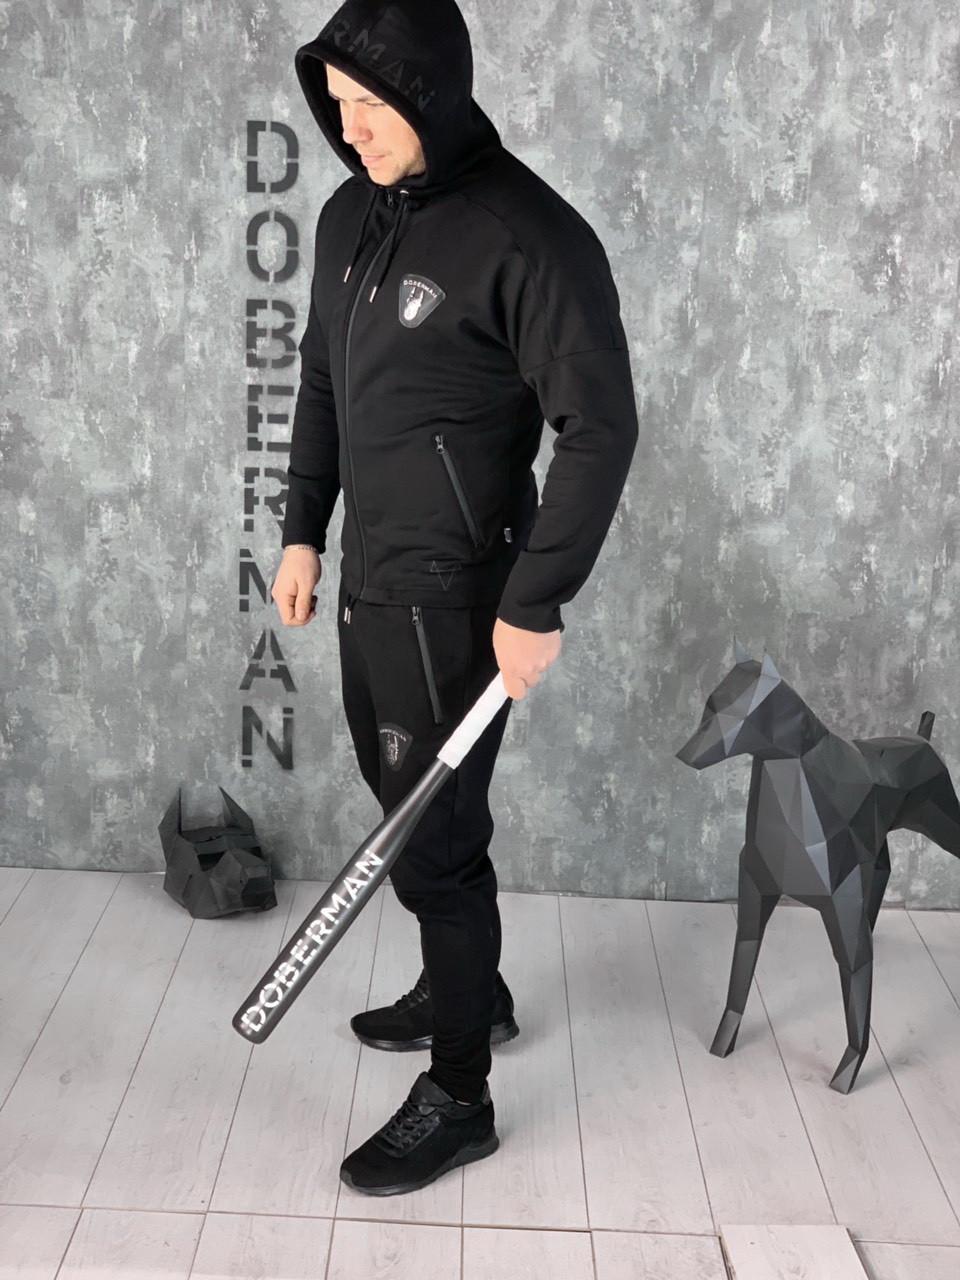 6b7c0cb4 Спортивный костюм Doberman D5644 черный зимний - Брендовая одежда от  интернет-магазина «Trendy Shop